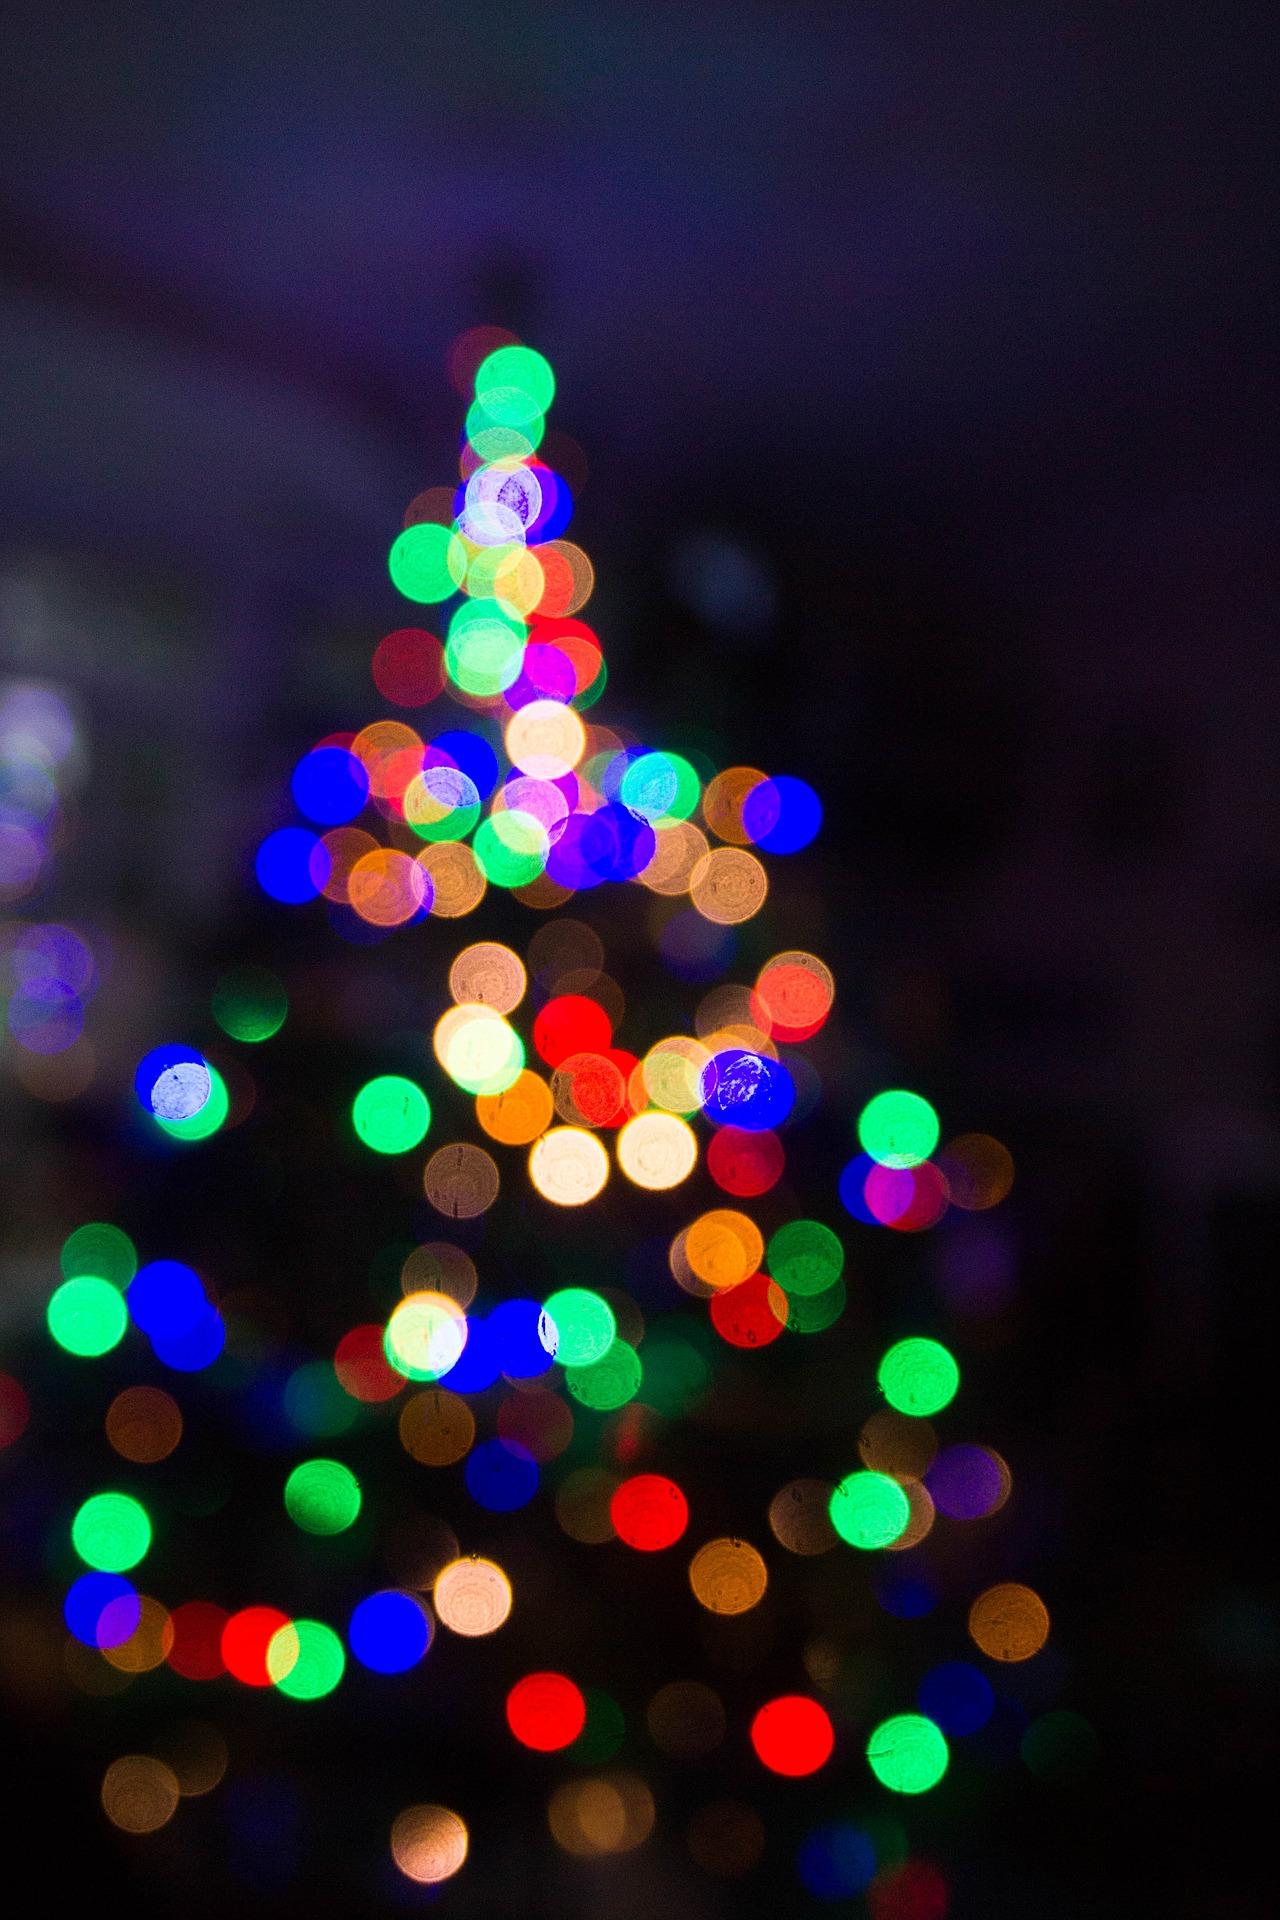 Cuento-Navidad-Janna-Bolriv